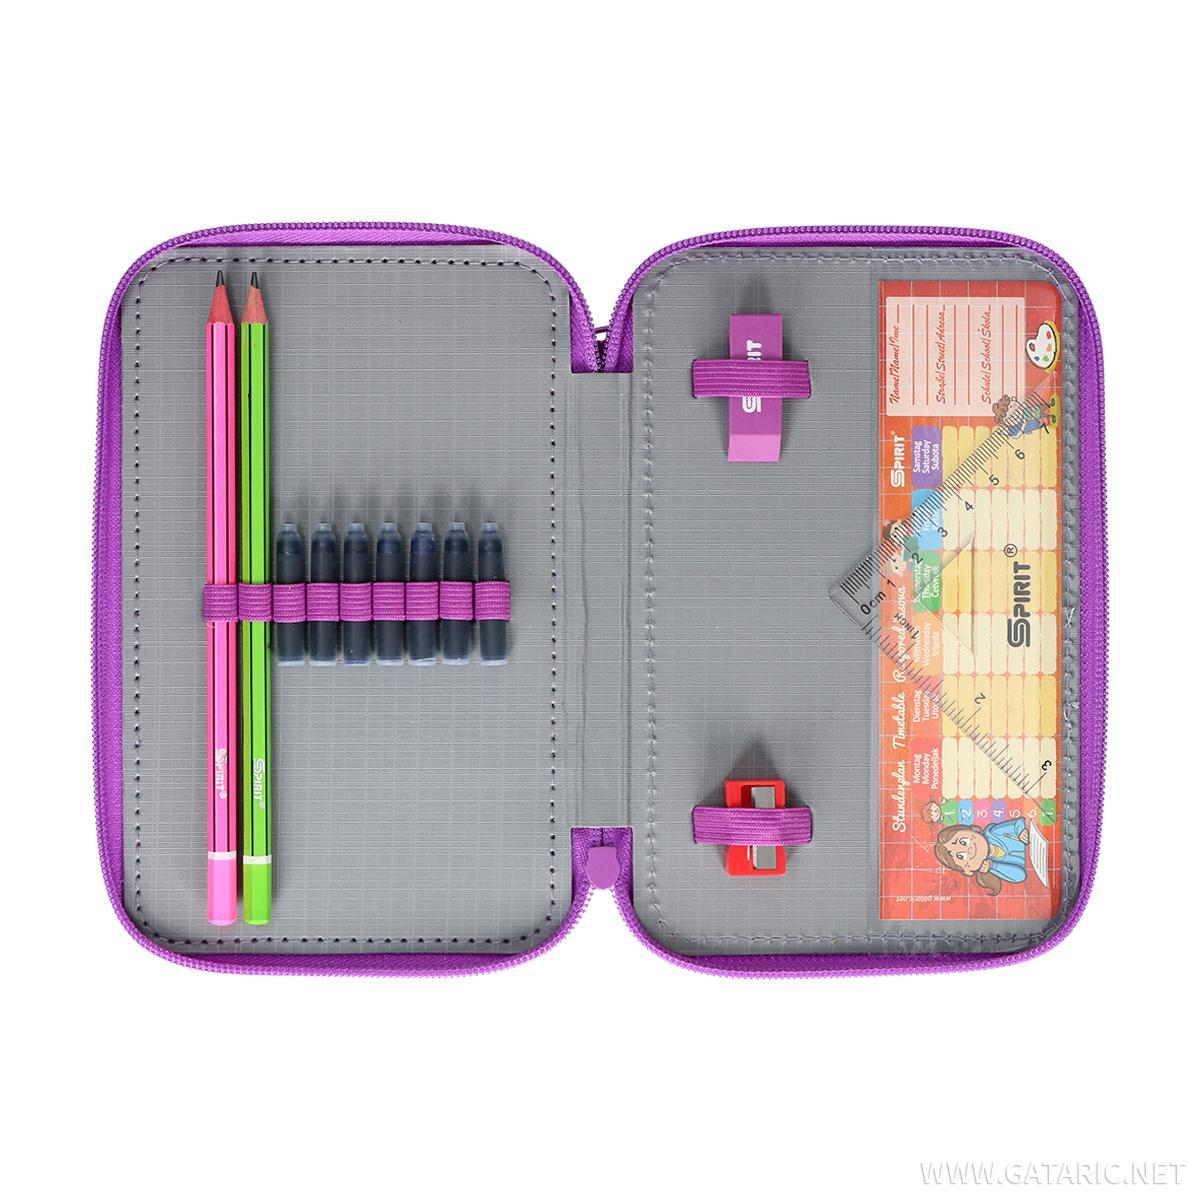 Pernica 3D ''BUTTERFLY PURPLE'', 2 zipa